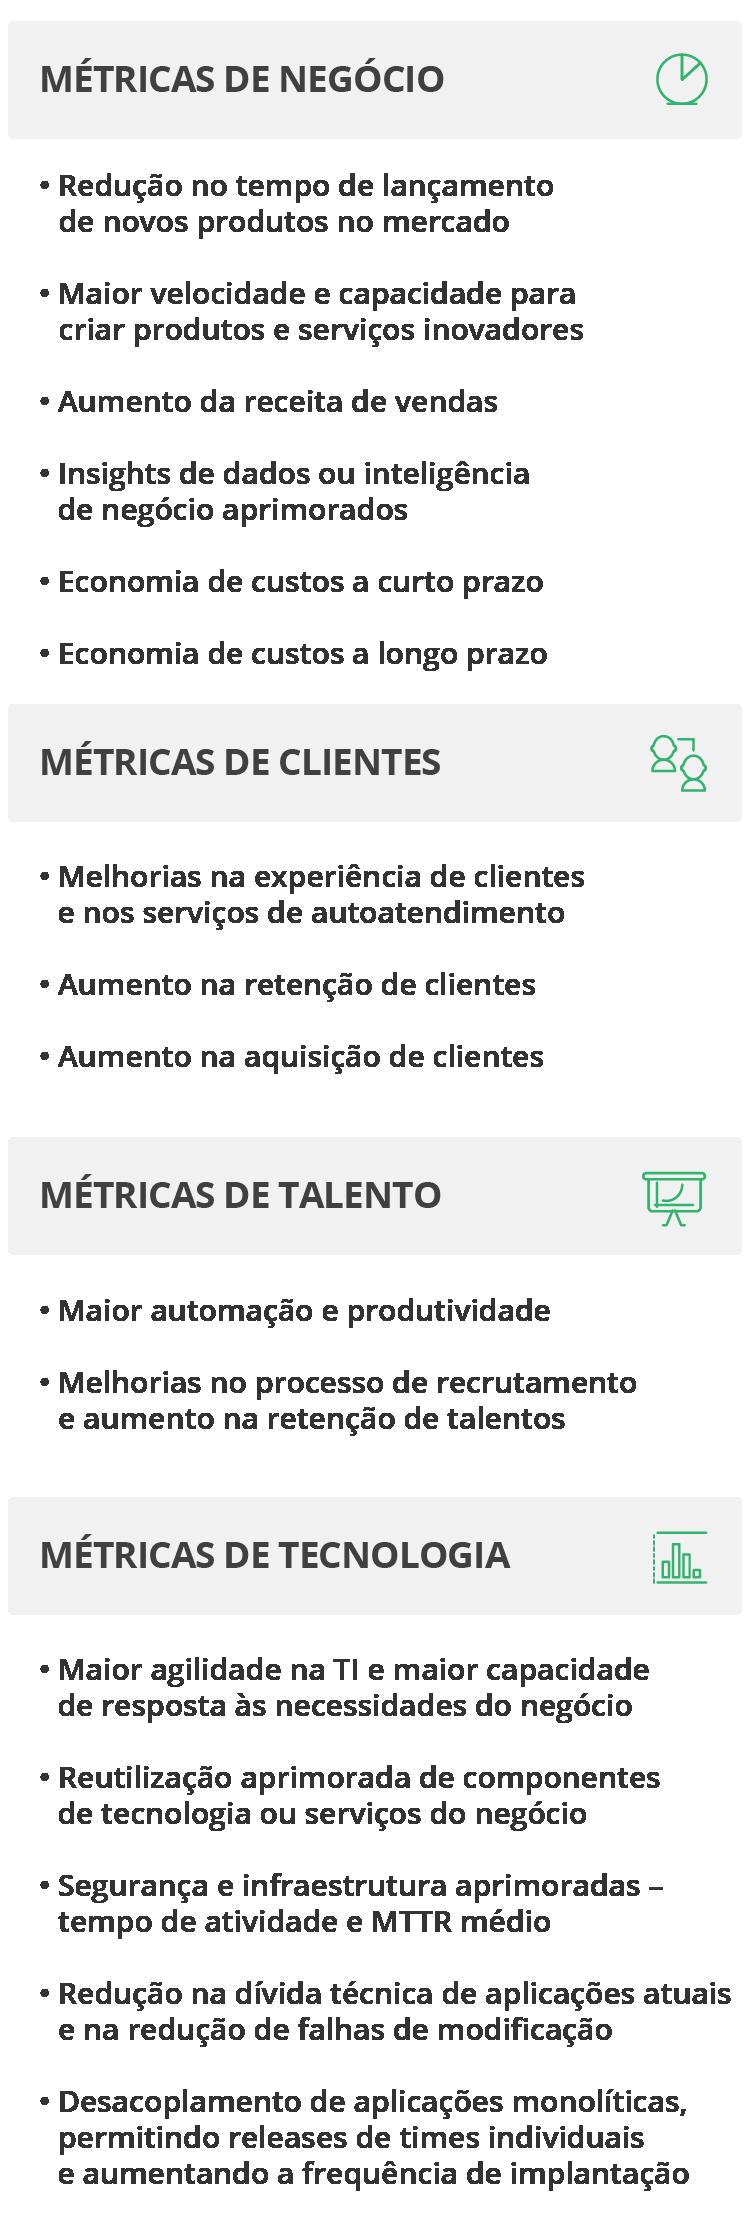 Indicadores de desempenho da modernização empresarial